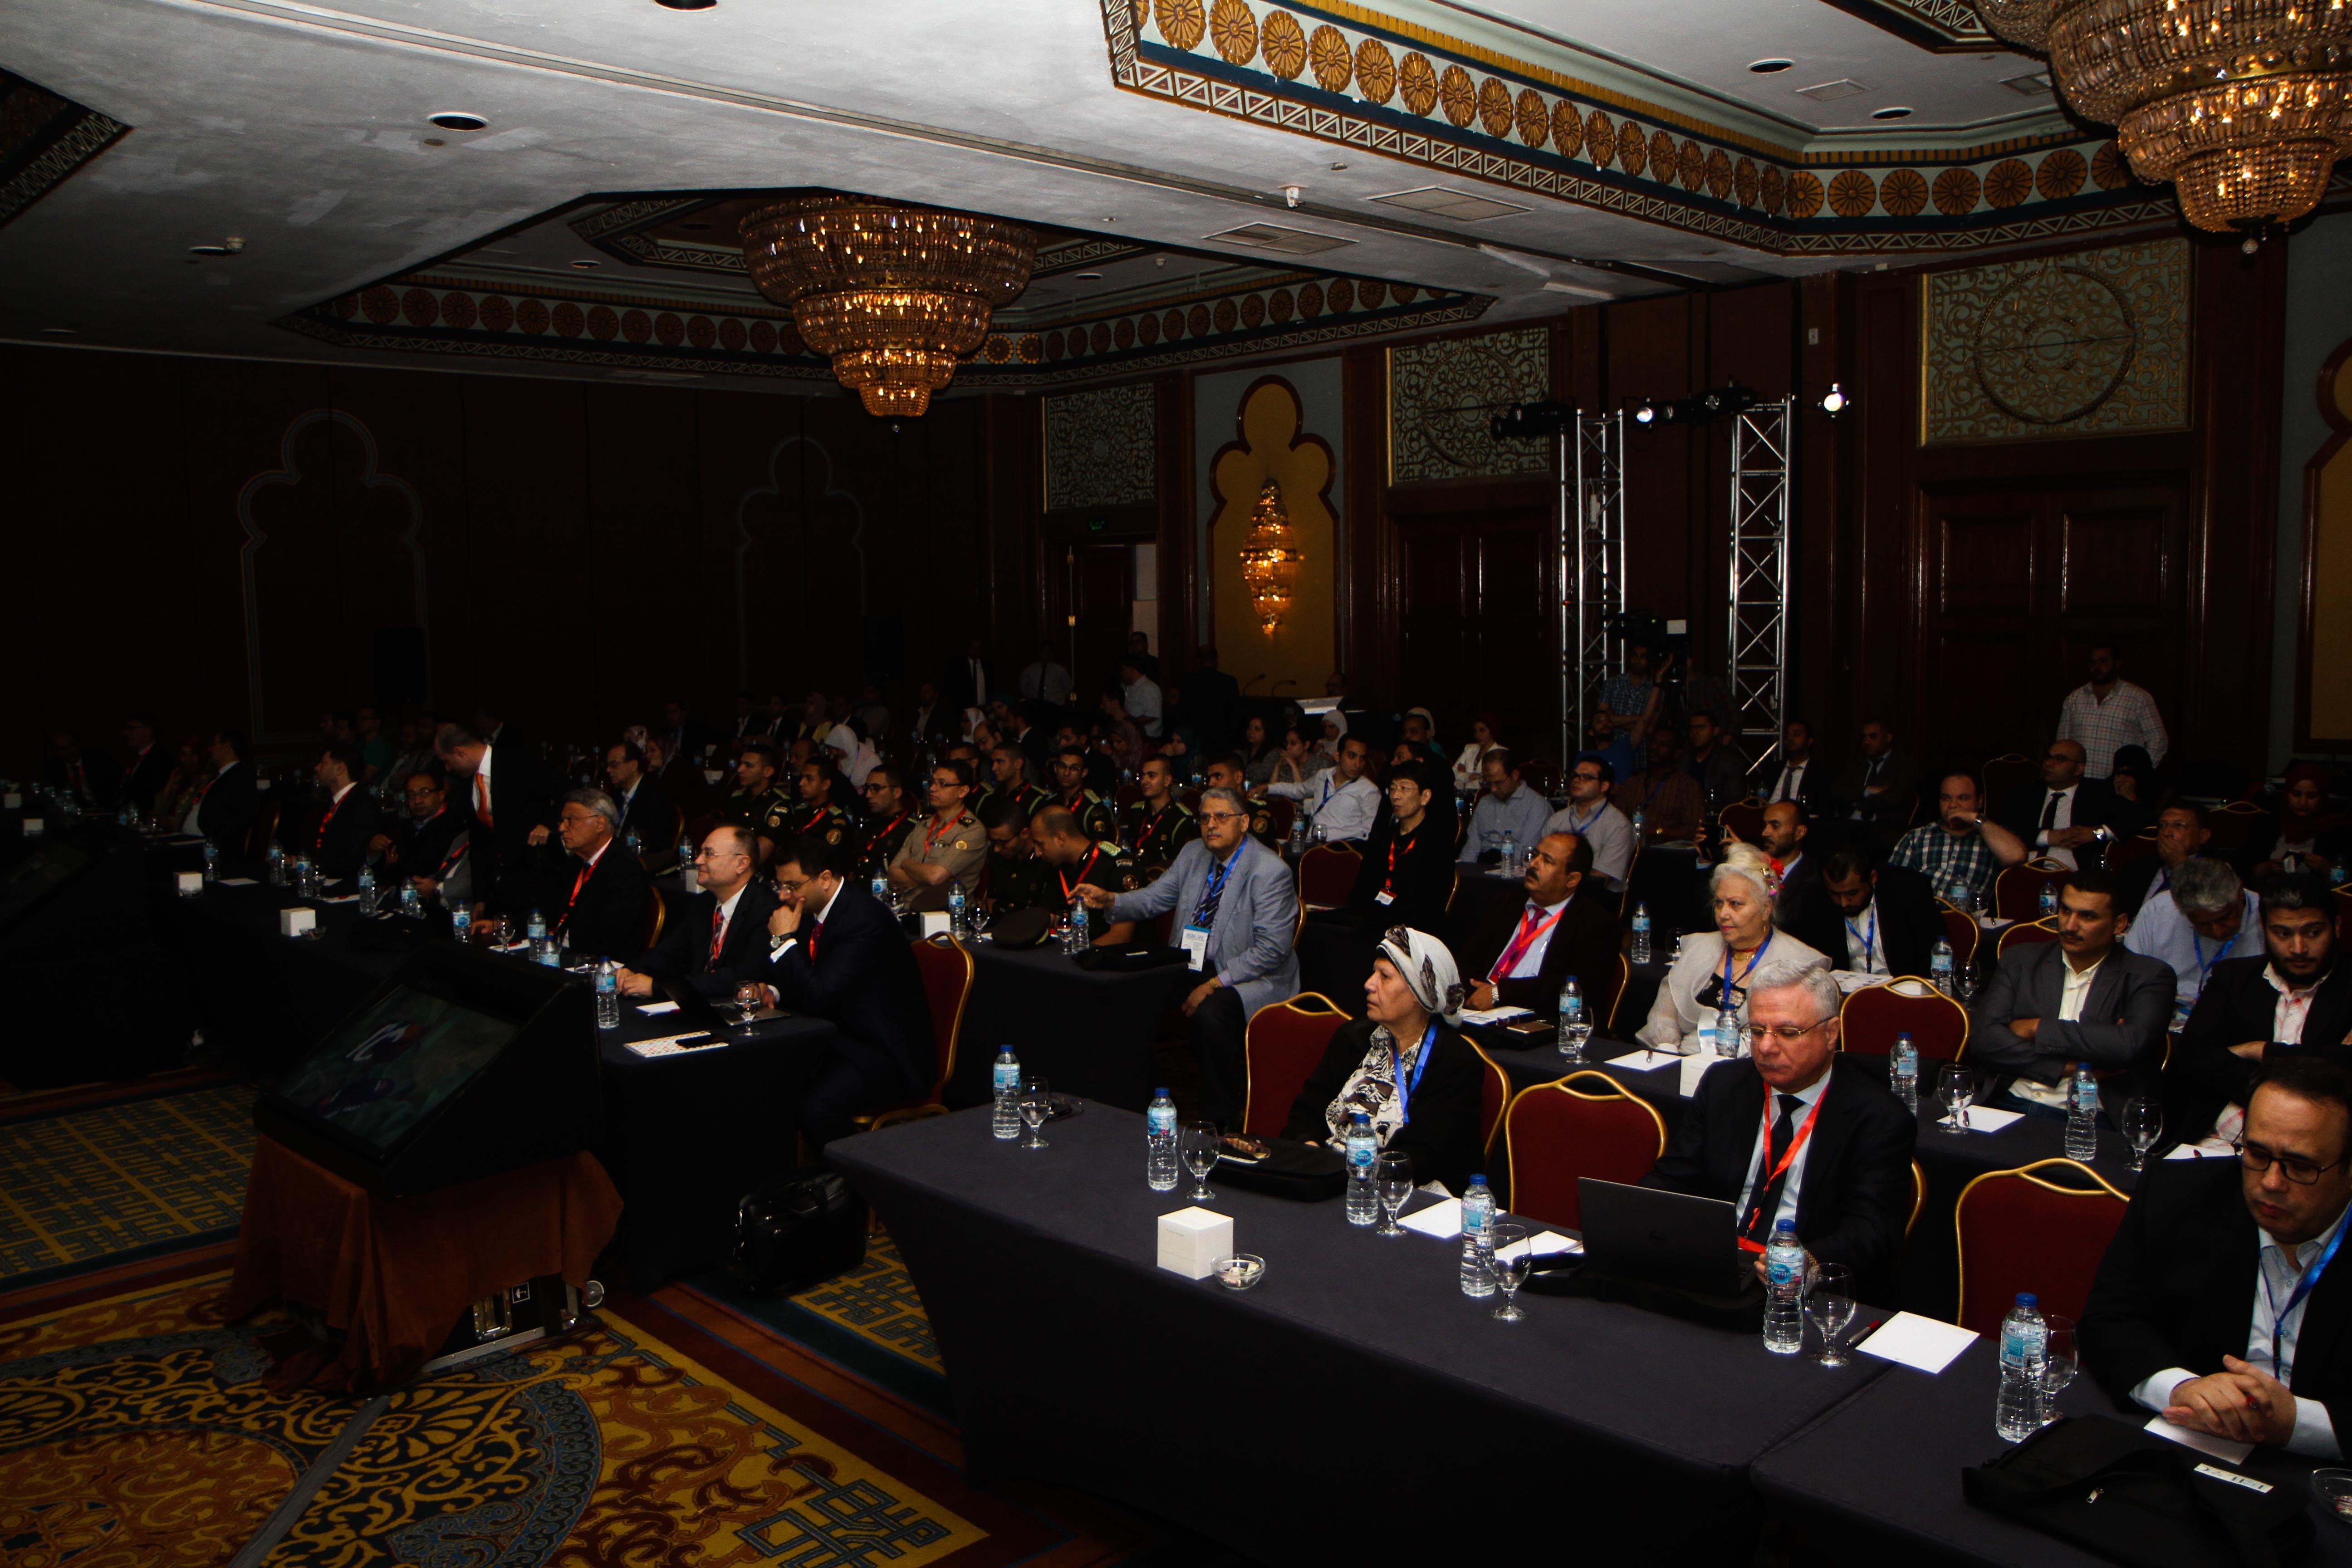 مؤتمر الجمعية المصرية لأورام الجهاز الهضمى والكبد والجهاز البولى (2)